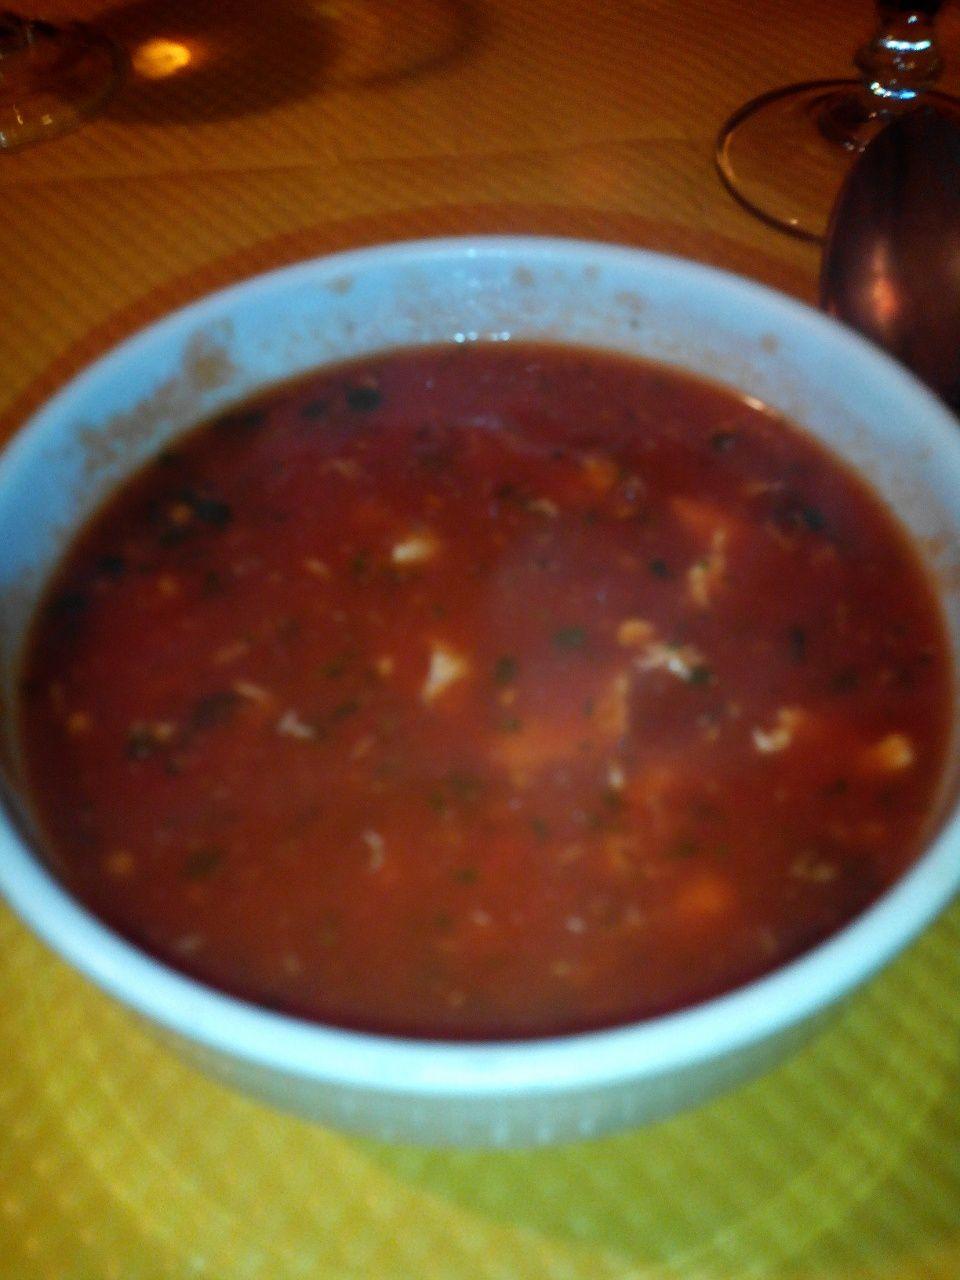 Les entrées: beignets de légumes et de fromage. Pas très gras, et très épicés (pas piquant), mais bien parfumés au cumin (pour ce que j'ai pu identifier), la petite sauce était très bonne, faite maison également. La soupe de tomate, oeuf et basilic n'était pas mauvaise non plus, mais face aux raviolis, difficile de rivaliser &#x3B;)